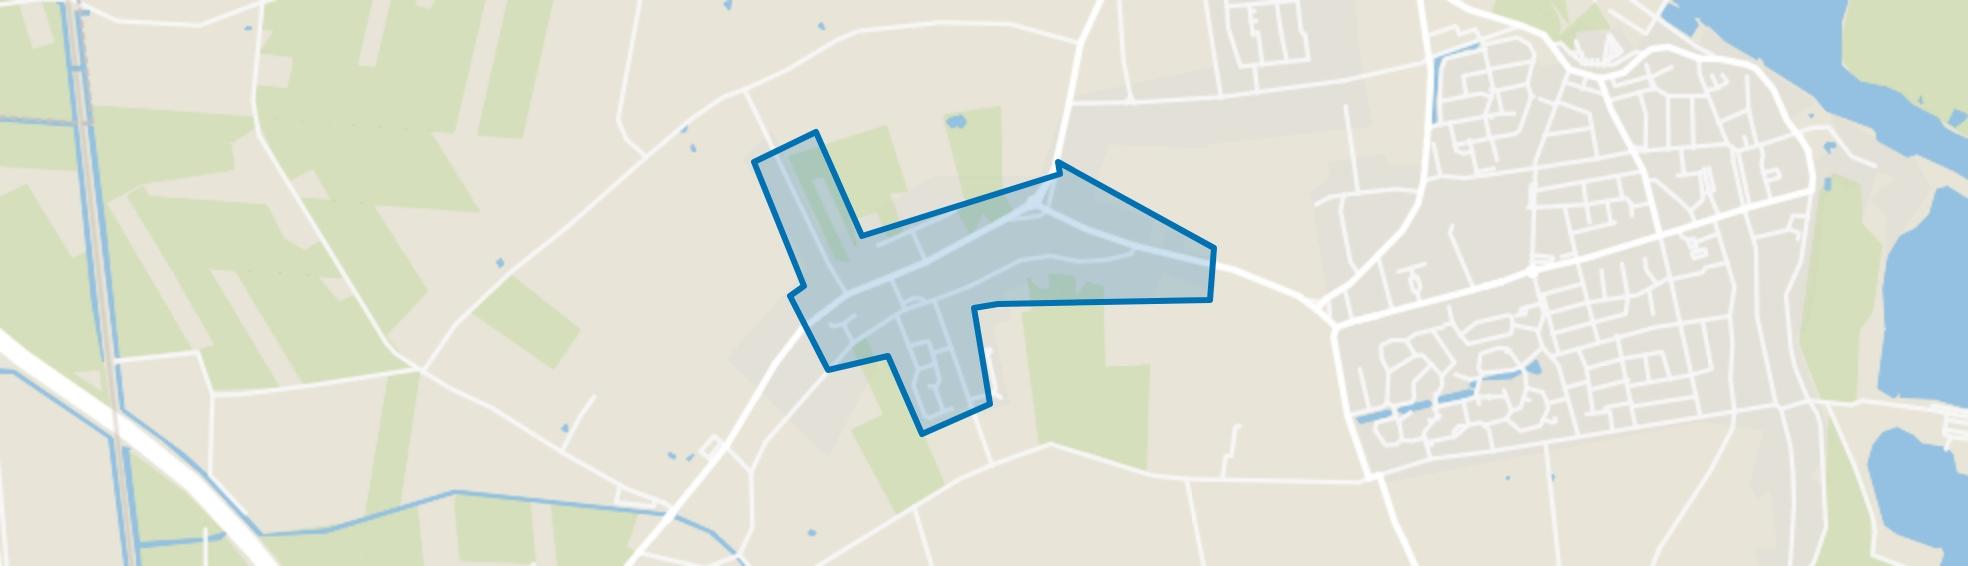 Velddriel, Velddriel map